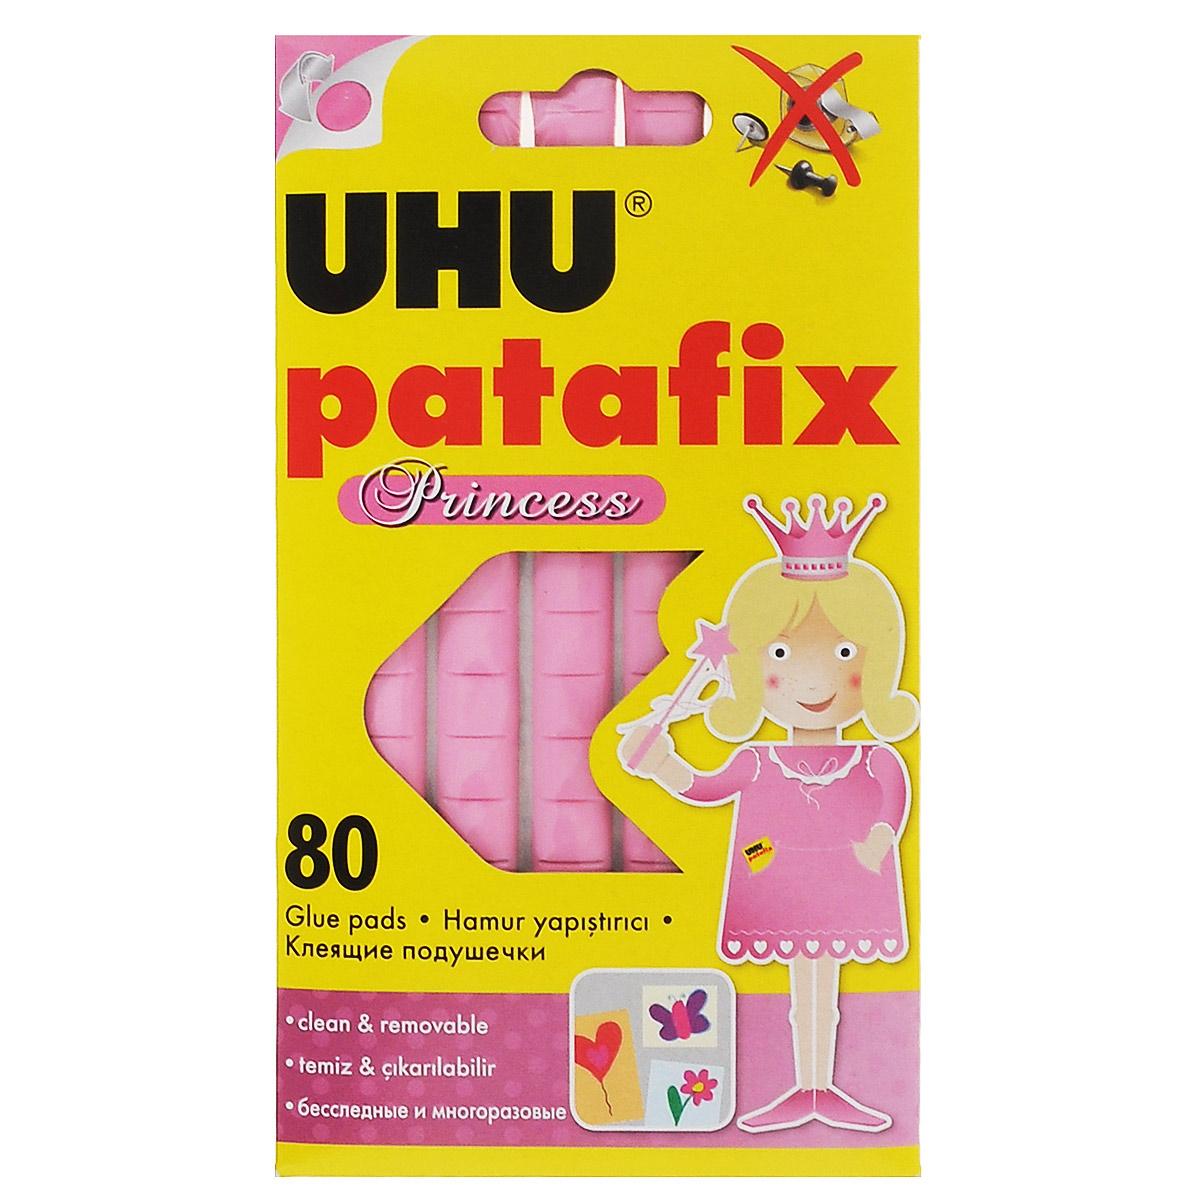 Клеевые подушечки UHU Patafix. Princess, цвет: розовый, 80 шт41710Специальные подушечки UHU Patafix. Princess предназначены для быстрой и чистой фиксации рисунков, фотографий, постеров и других лекгих вещей на различных поверхностях, таких как стены, двери, мебель. Не оставляют следов. Многоразовые. Могут использоваться в доме, детском саду или школе. Рекомендовано детям старше трех лет.